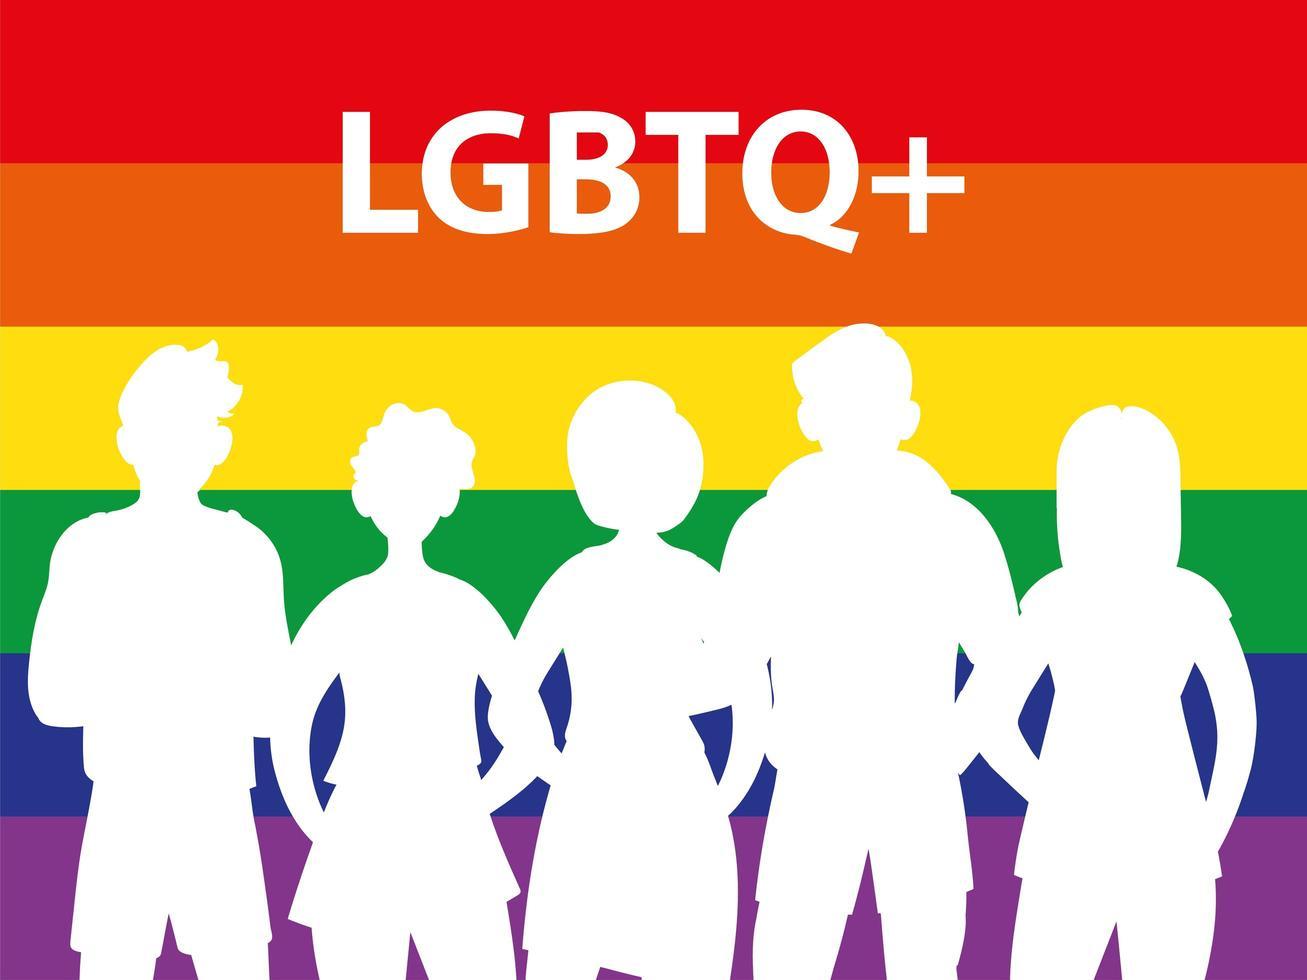 silueta de personas con fondo de arco iris vector